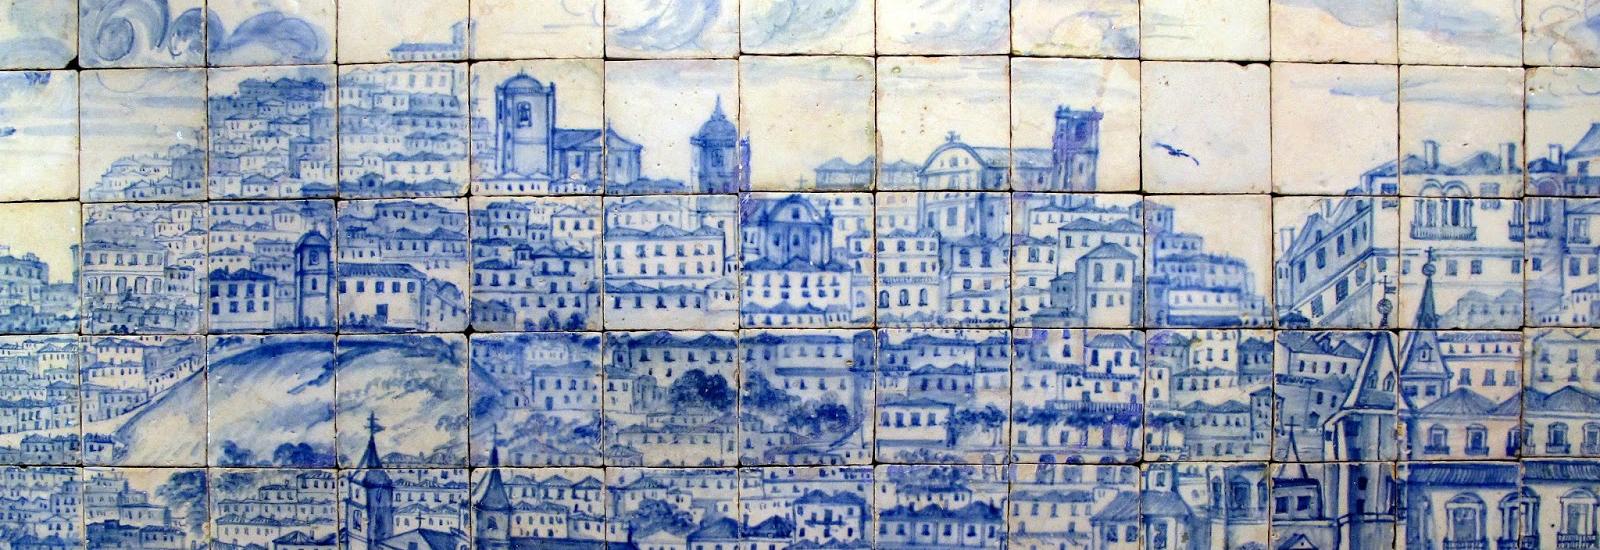 Museu nacional do azulejo hist ria contada a azul a branco for Azulejos historia